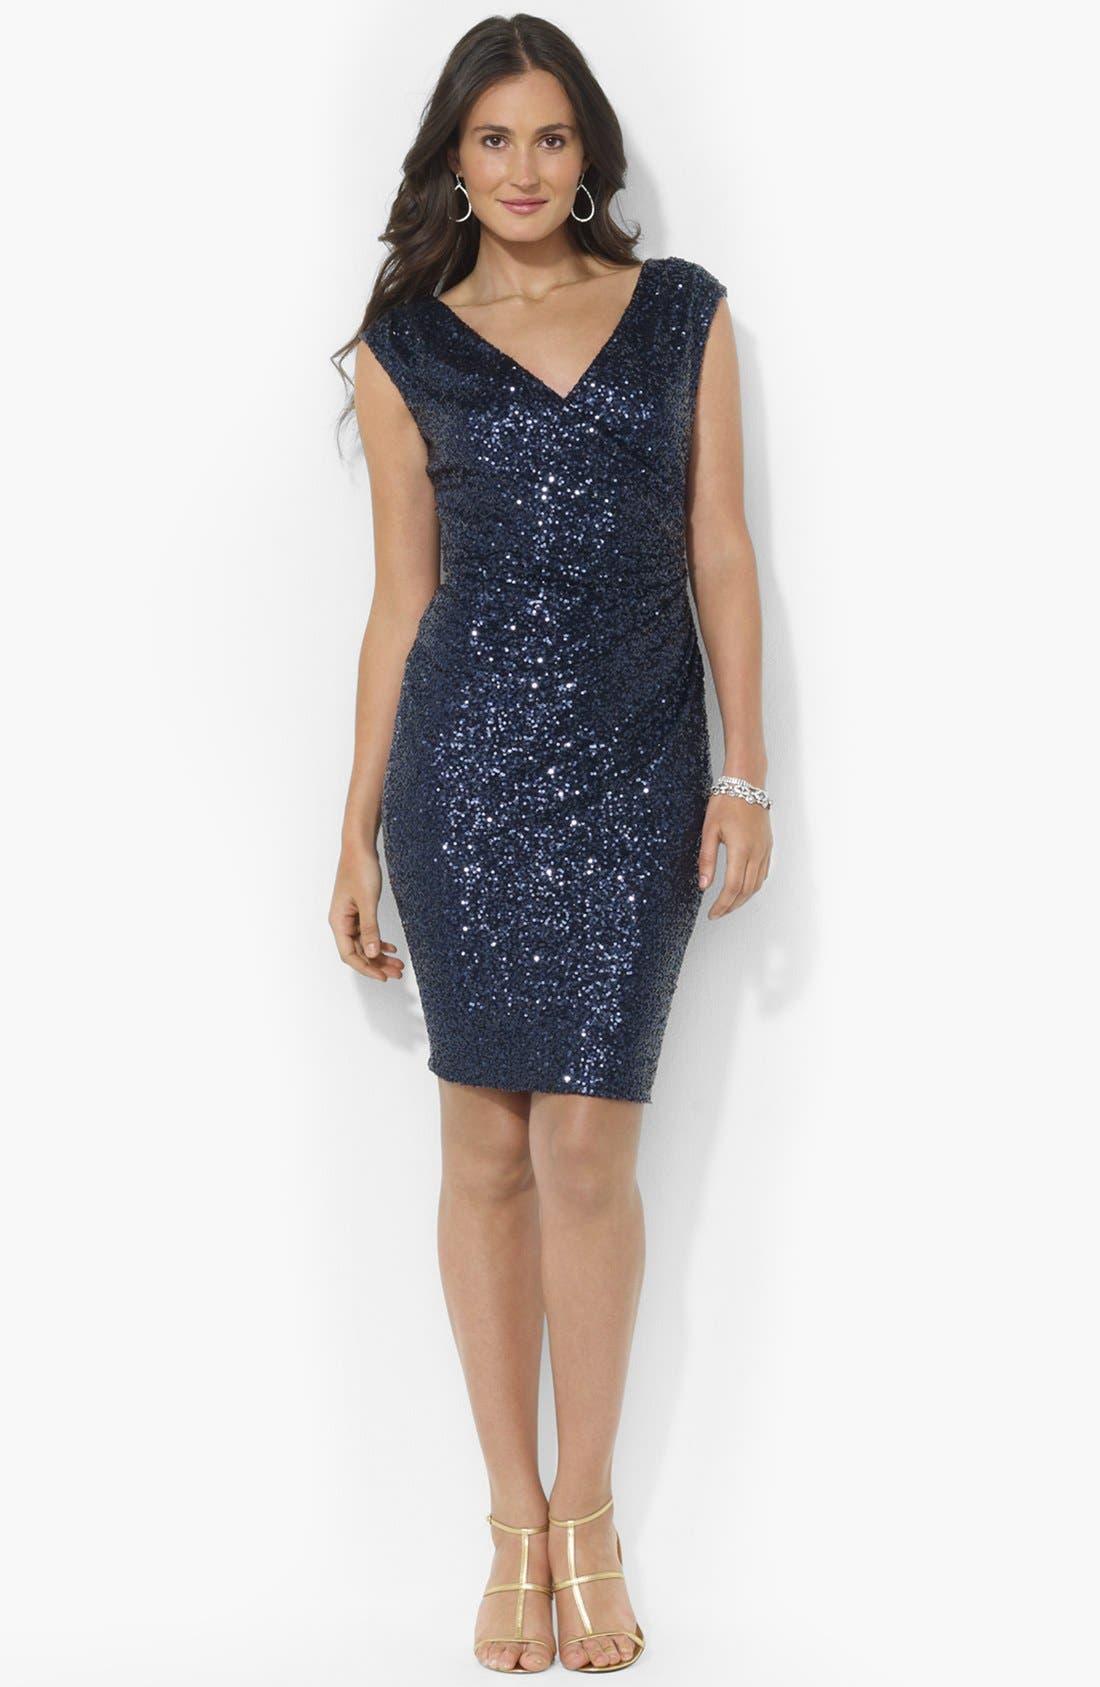 Alternate Image 1 Selected - Lauren Ralph Lauren Sequin Sheath Dress (Petite)